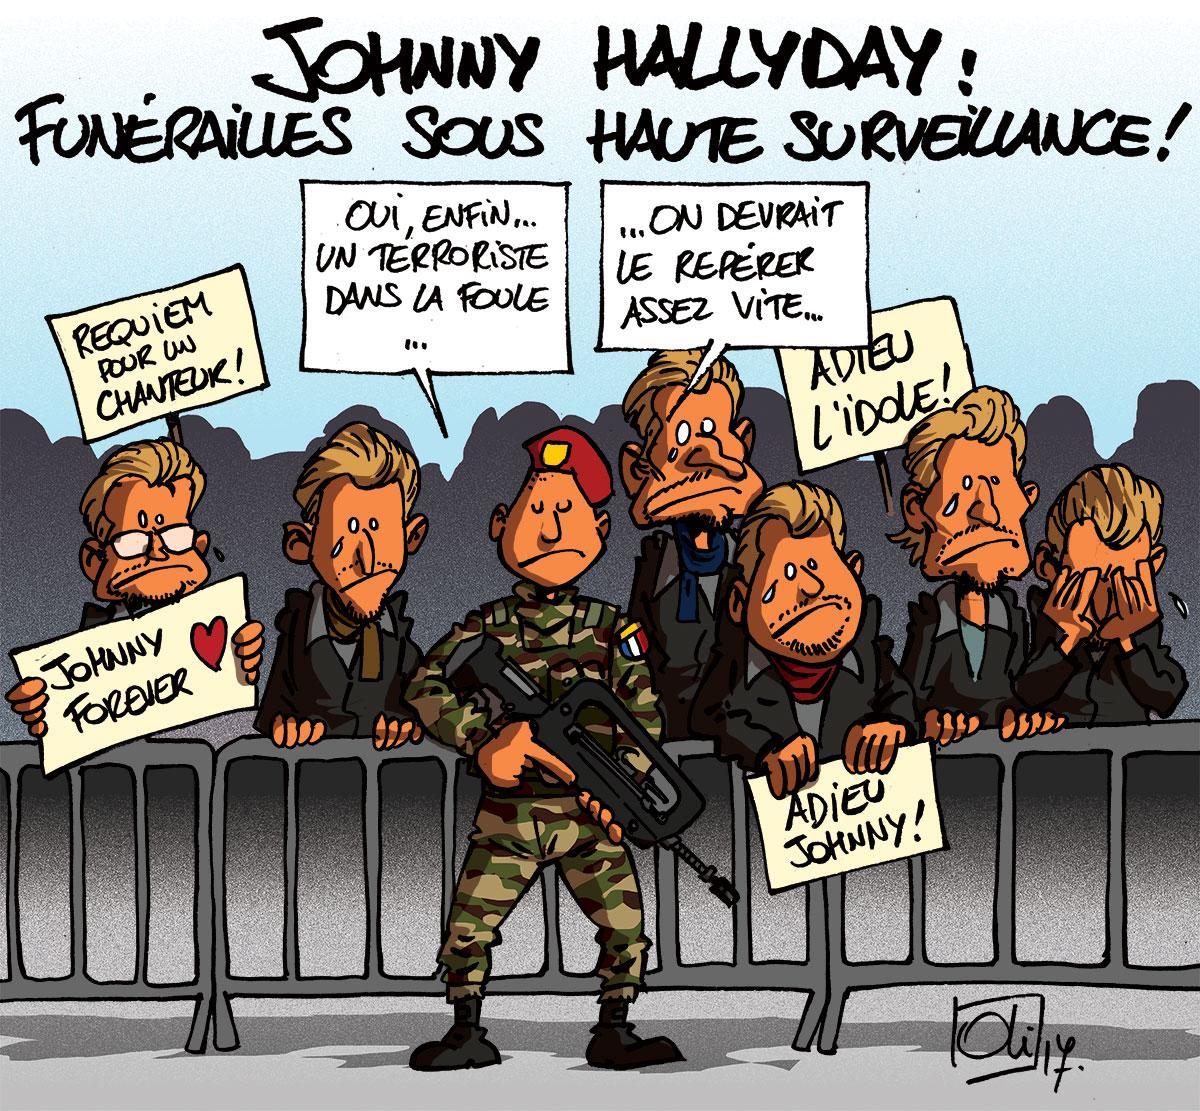 Les Funerailles De Johnny Hallyday Les Humeurs D Oli